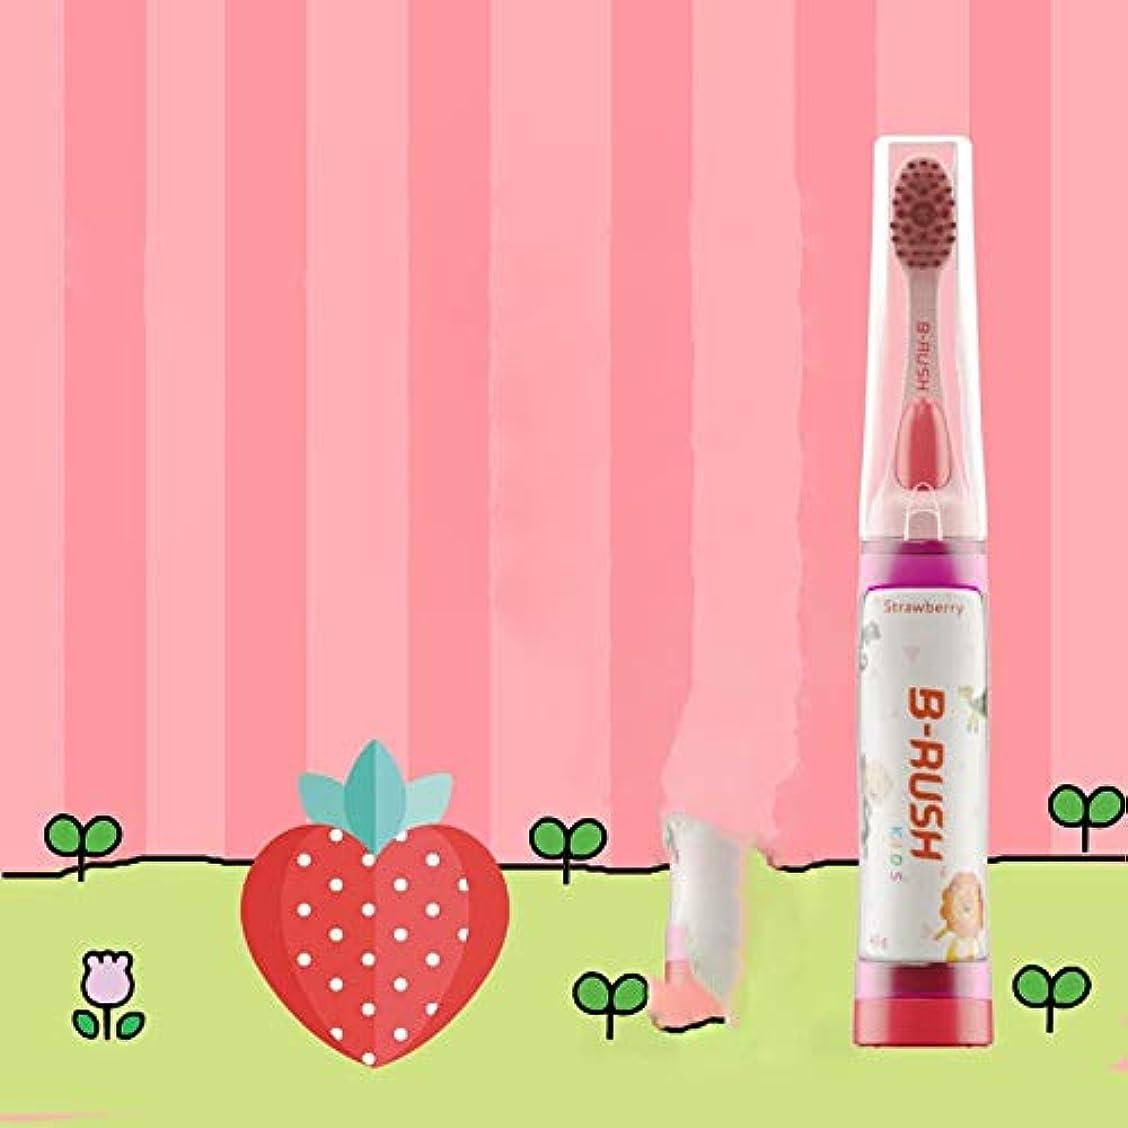 中古国内の発行歯ブラシ より小さな歯と歯茎のための柔らかい毛 環境健康 自分の歯磨き粉を持参する 海外旅行 持ち運びが簡単 子供/大人2つの選択肢 (子供)